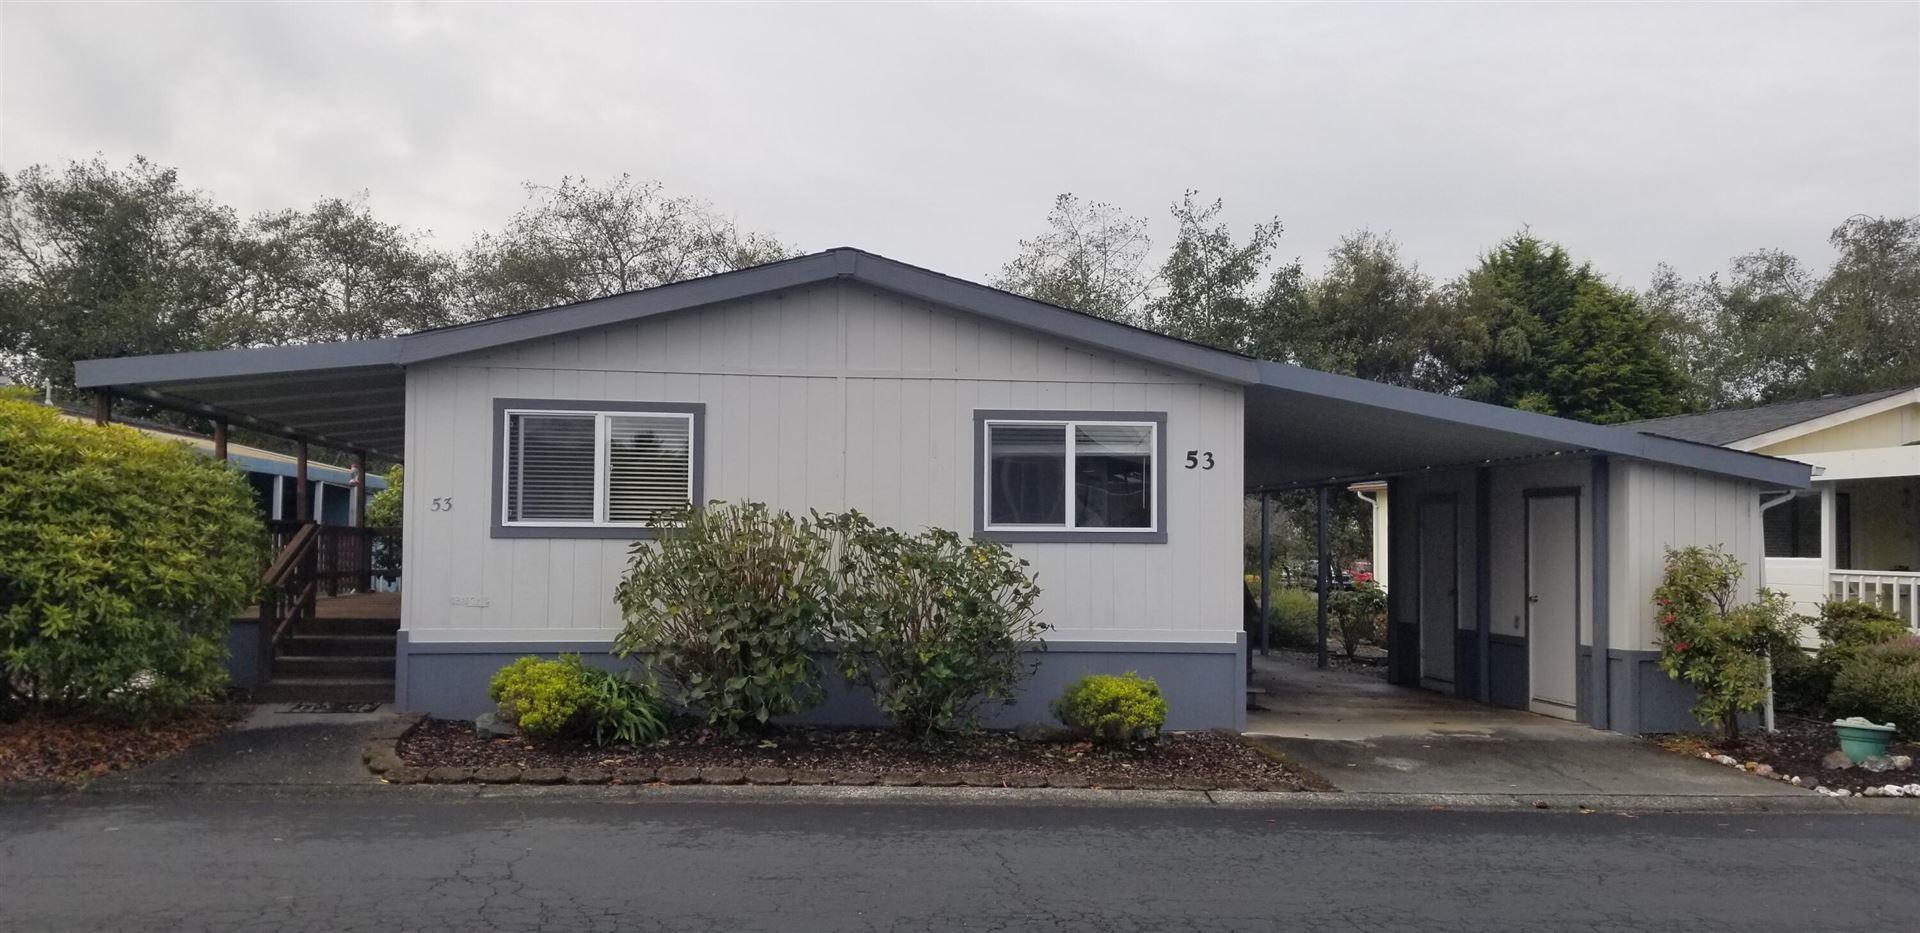 1090 Murray Road, McKinleyville, CA 95519 - MLS#: 260400